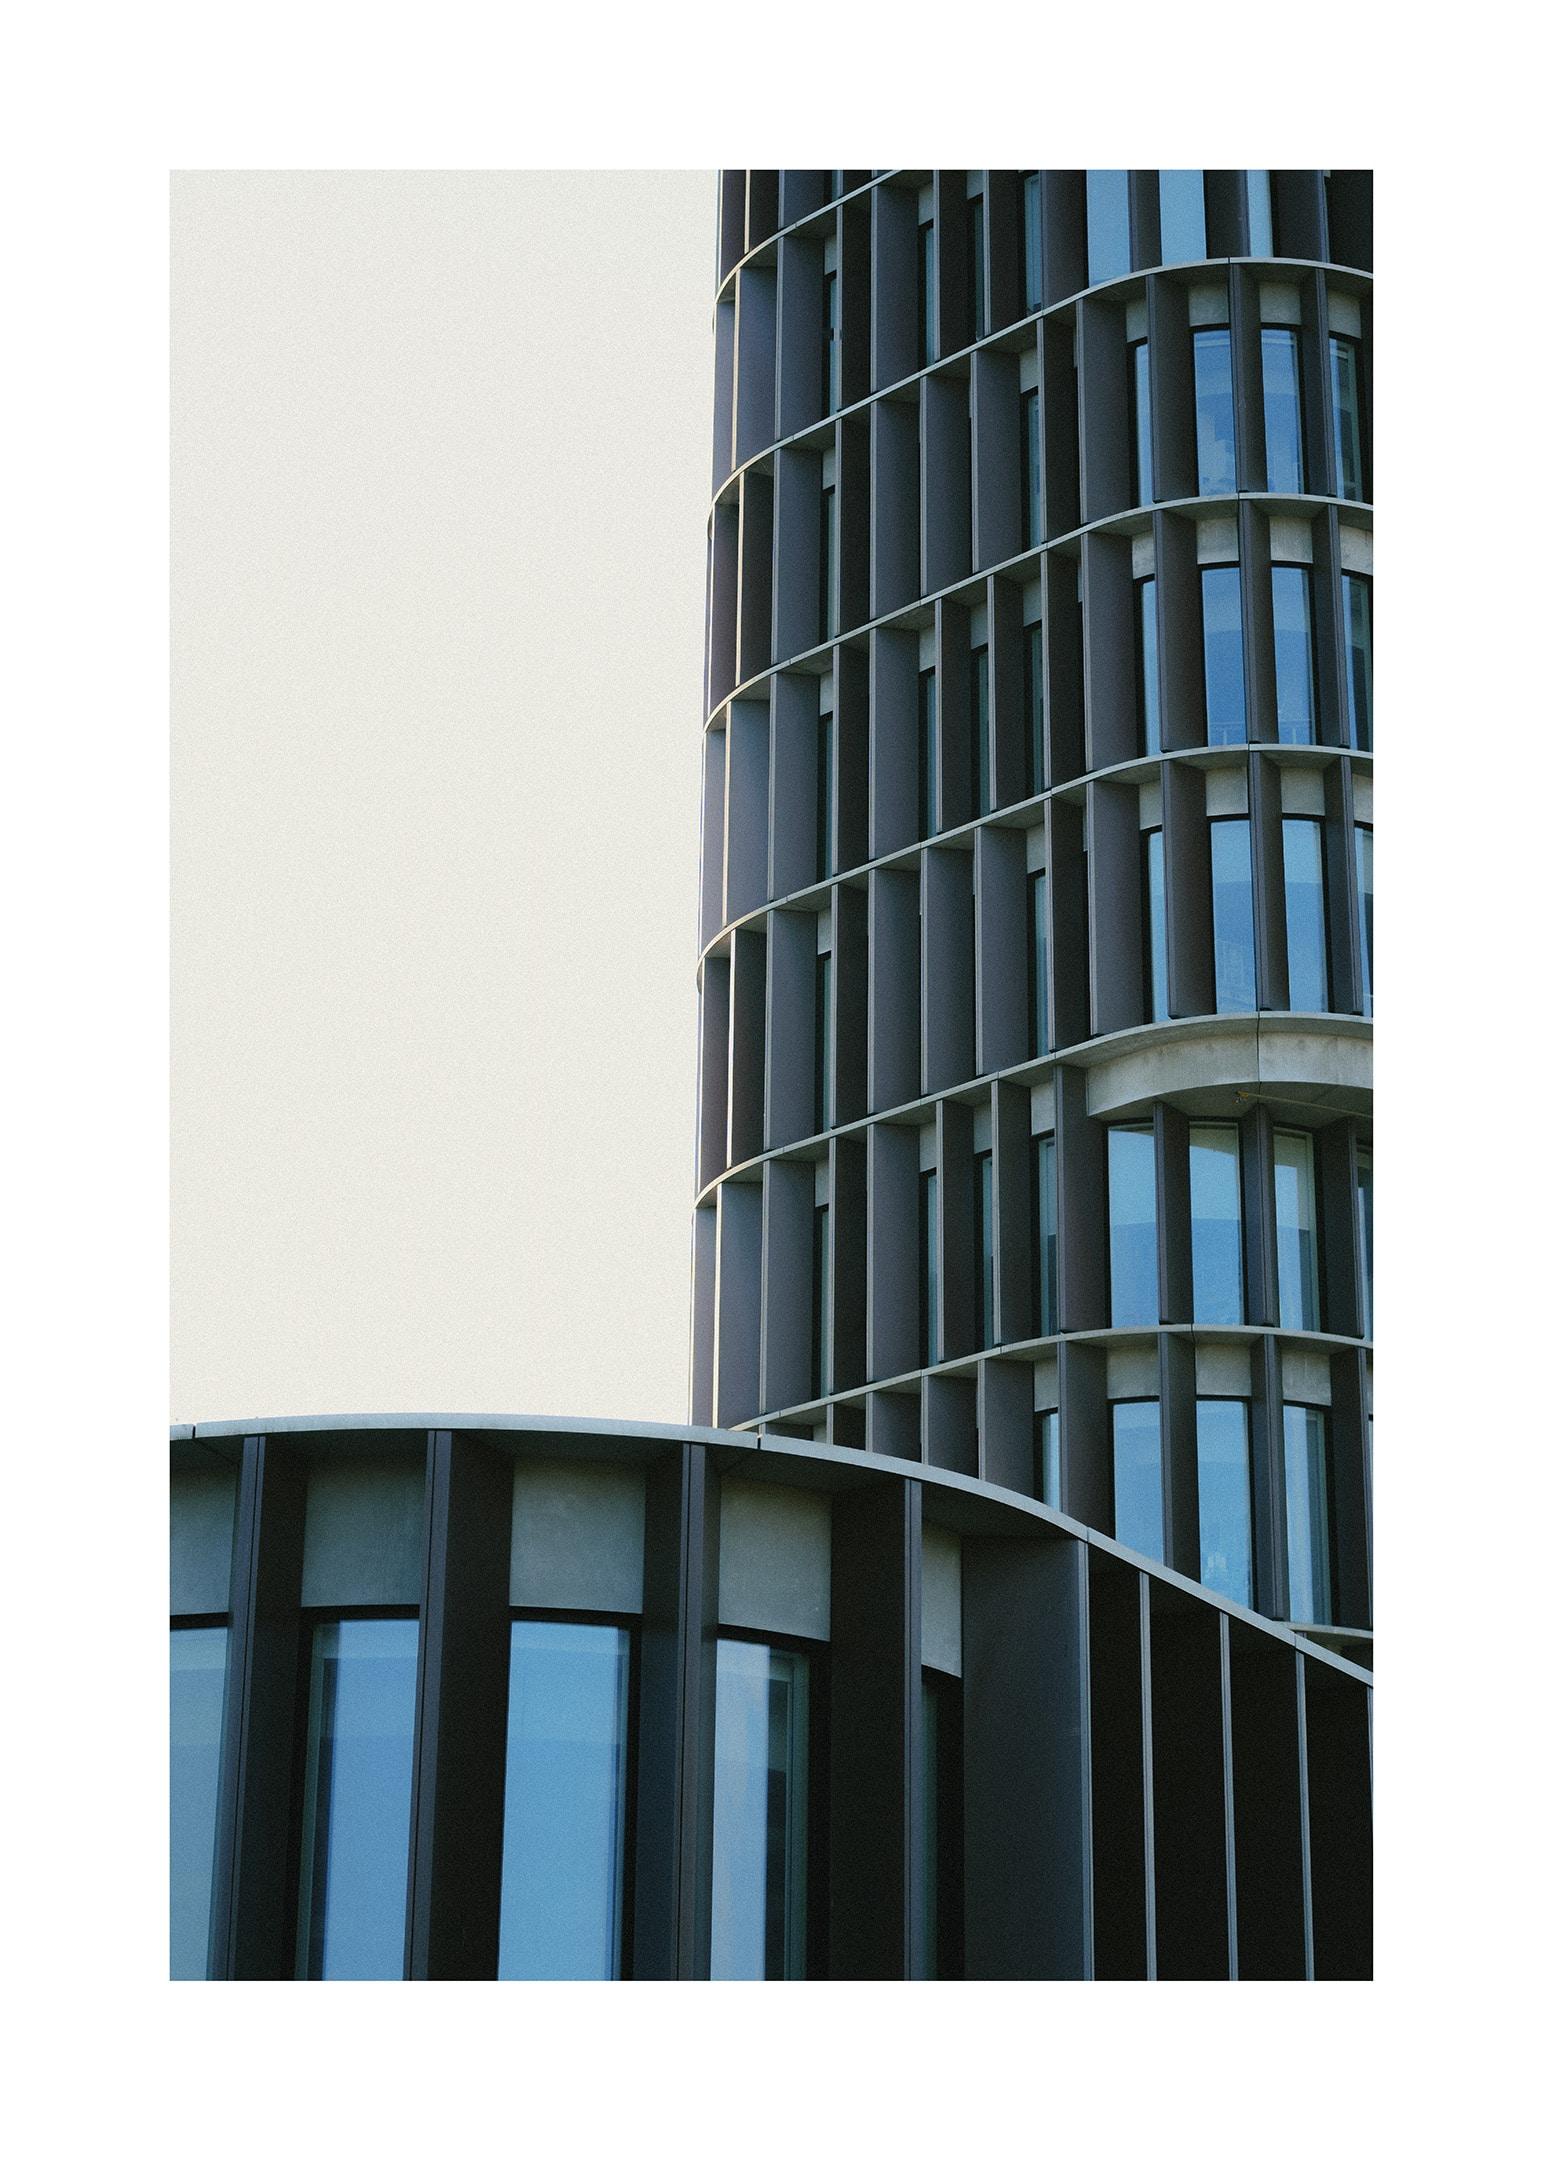 Maersk tower i Köpenhamn poster